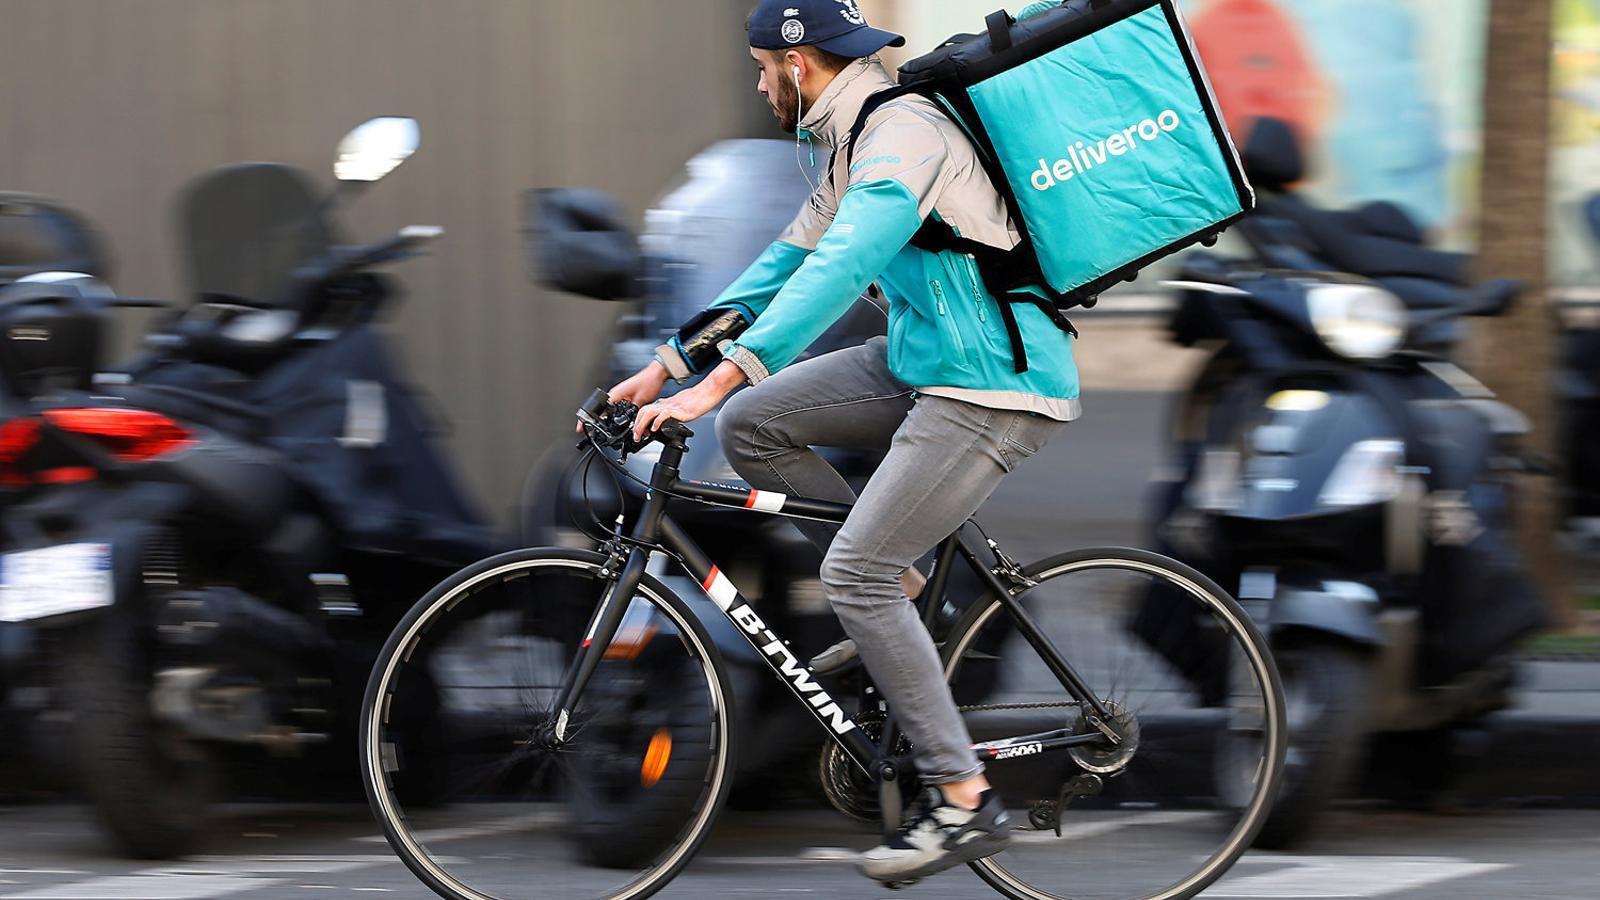 Uber negocia la compra de Deliveroo per un mínim de 1.700 milions d'euros